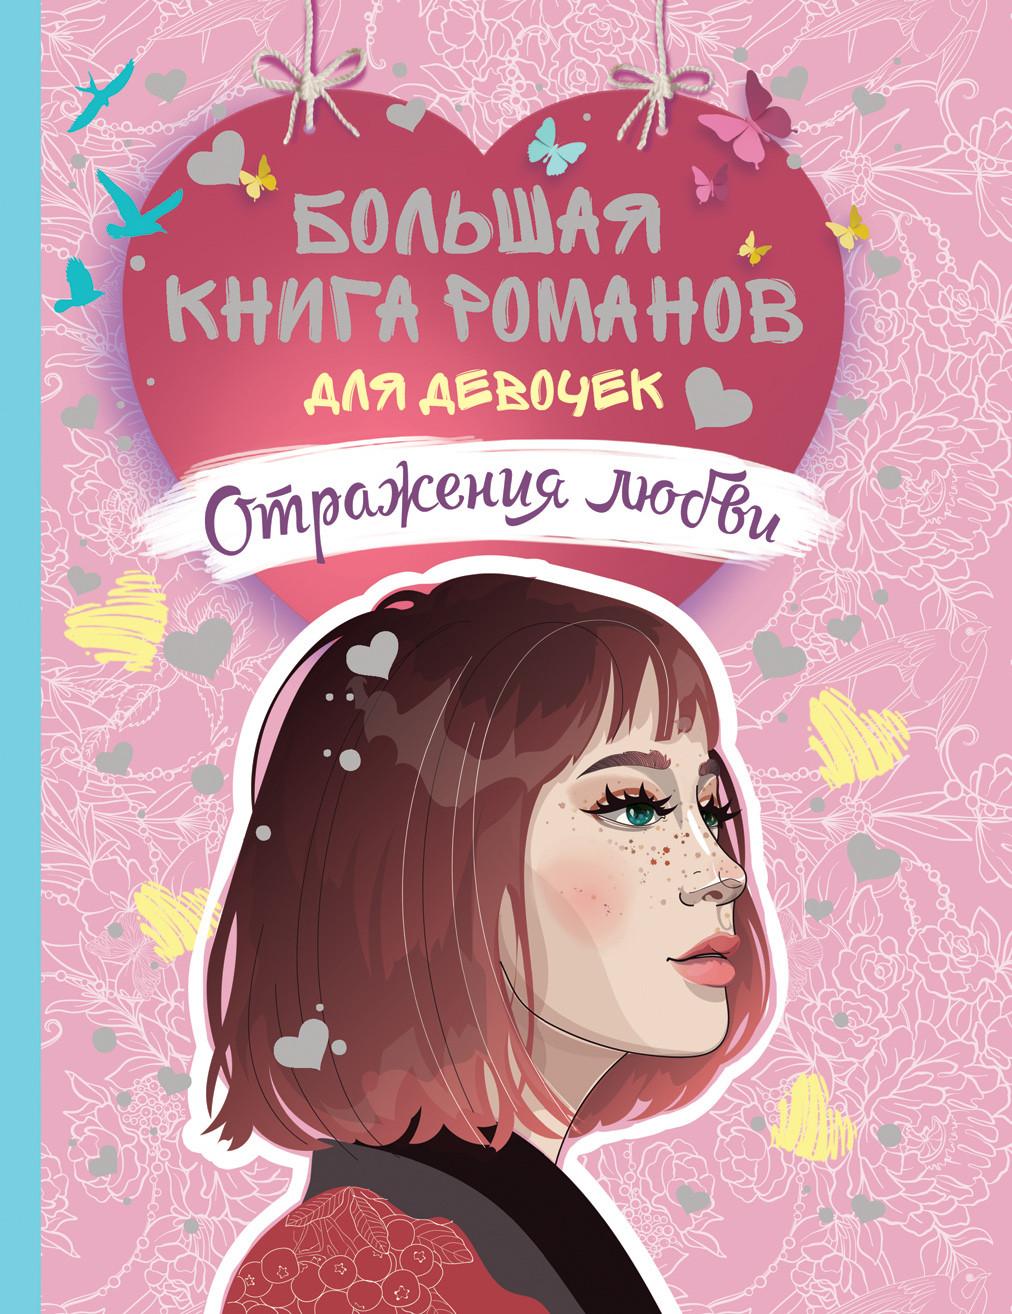 Горбунова Е., Богатырева Т., Евсеева М. и др. Большая книга романов для девочек. Отражения любви